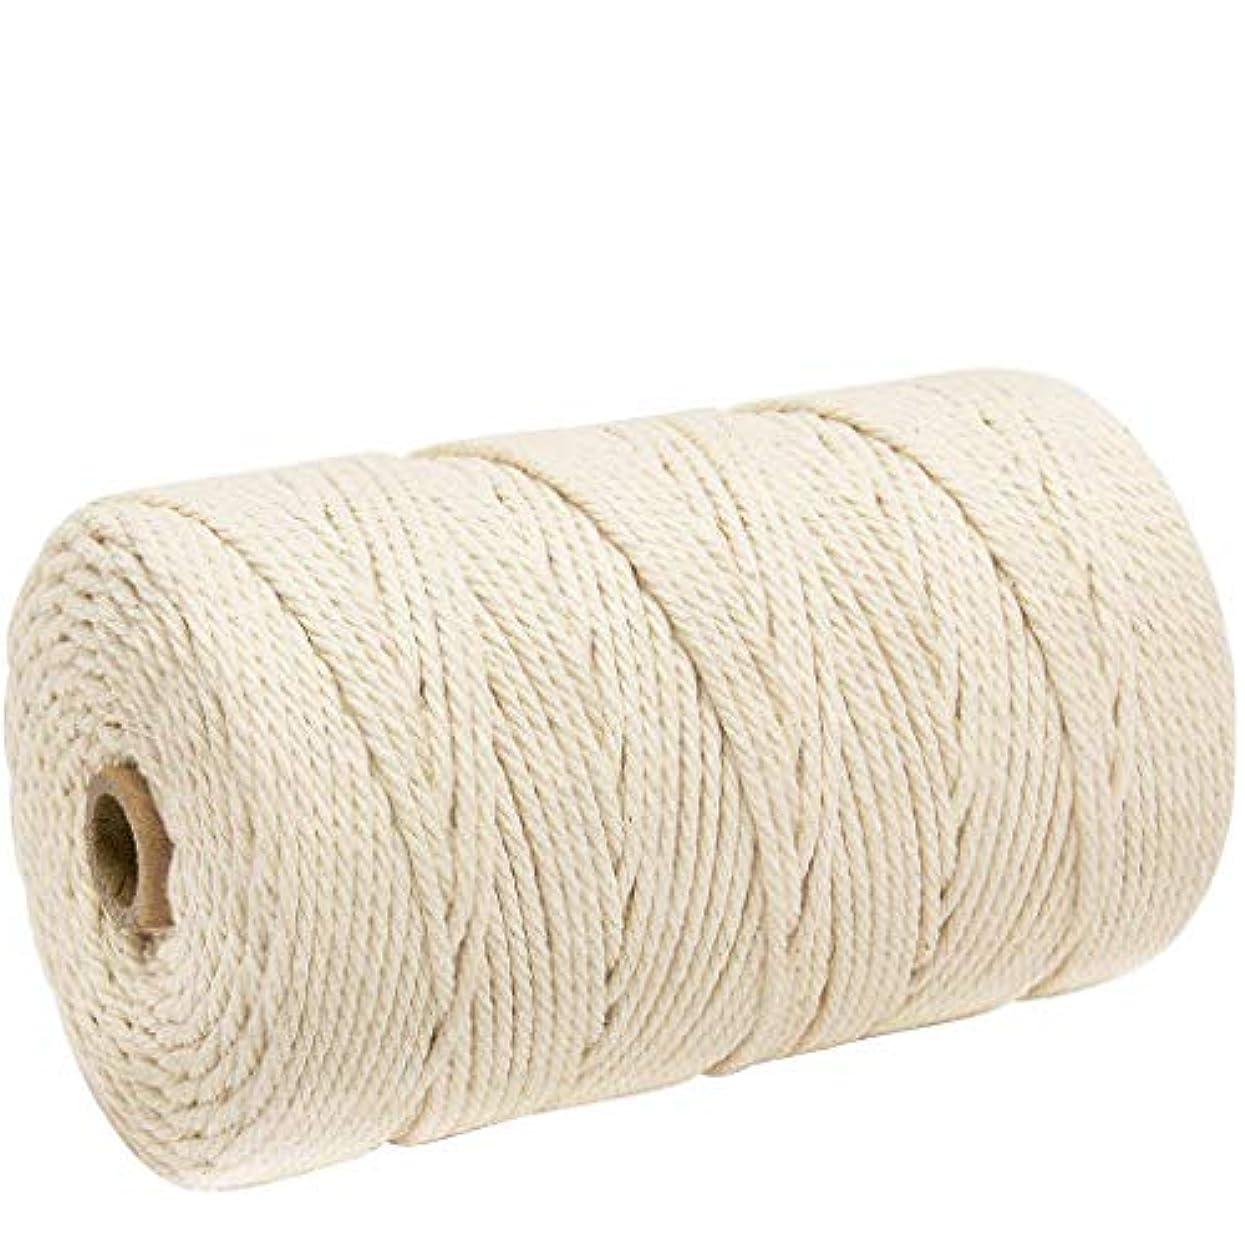 村発信北へナチュラルコットン マクラメ ロープ 紐 糸 手作り編み糸 綿 DIY壁掛けハンガークラフト編みコードロープ 3㎜ 200m (ライスホワイト)